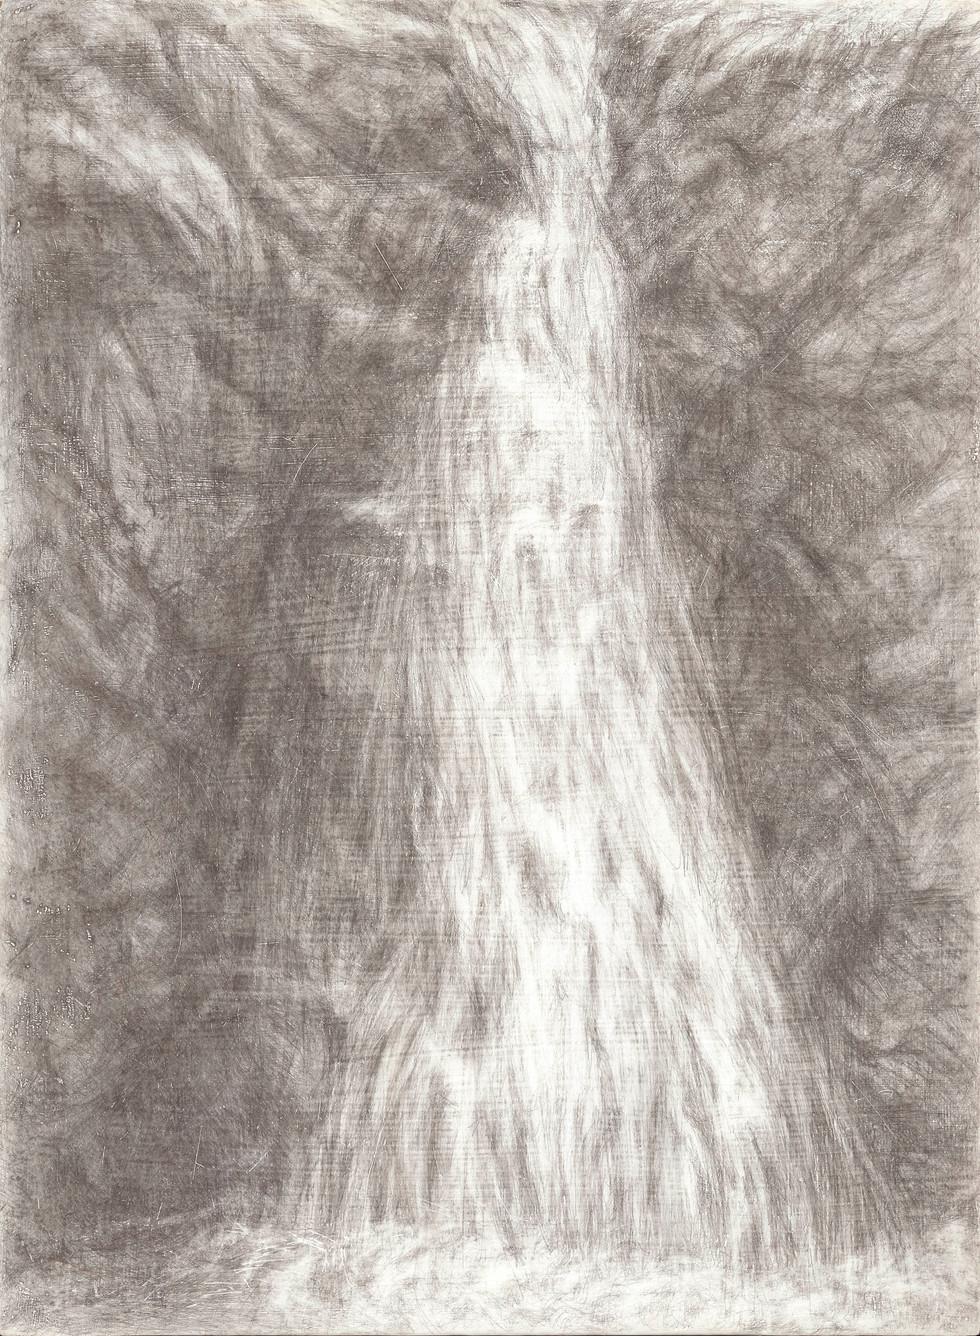 Parhm Cascade falls.jpg